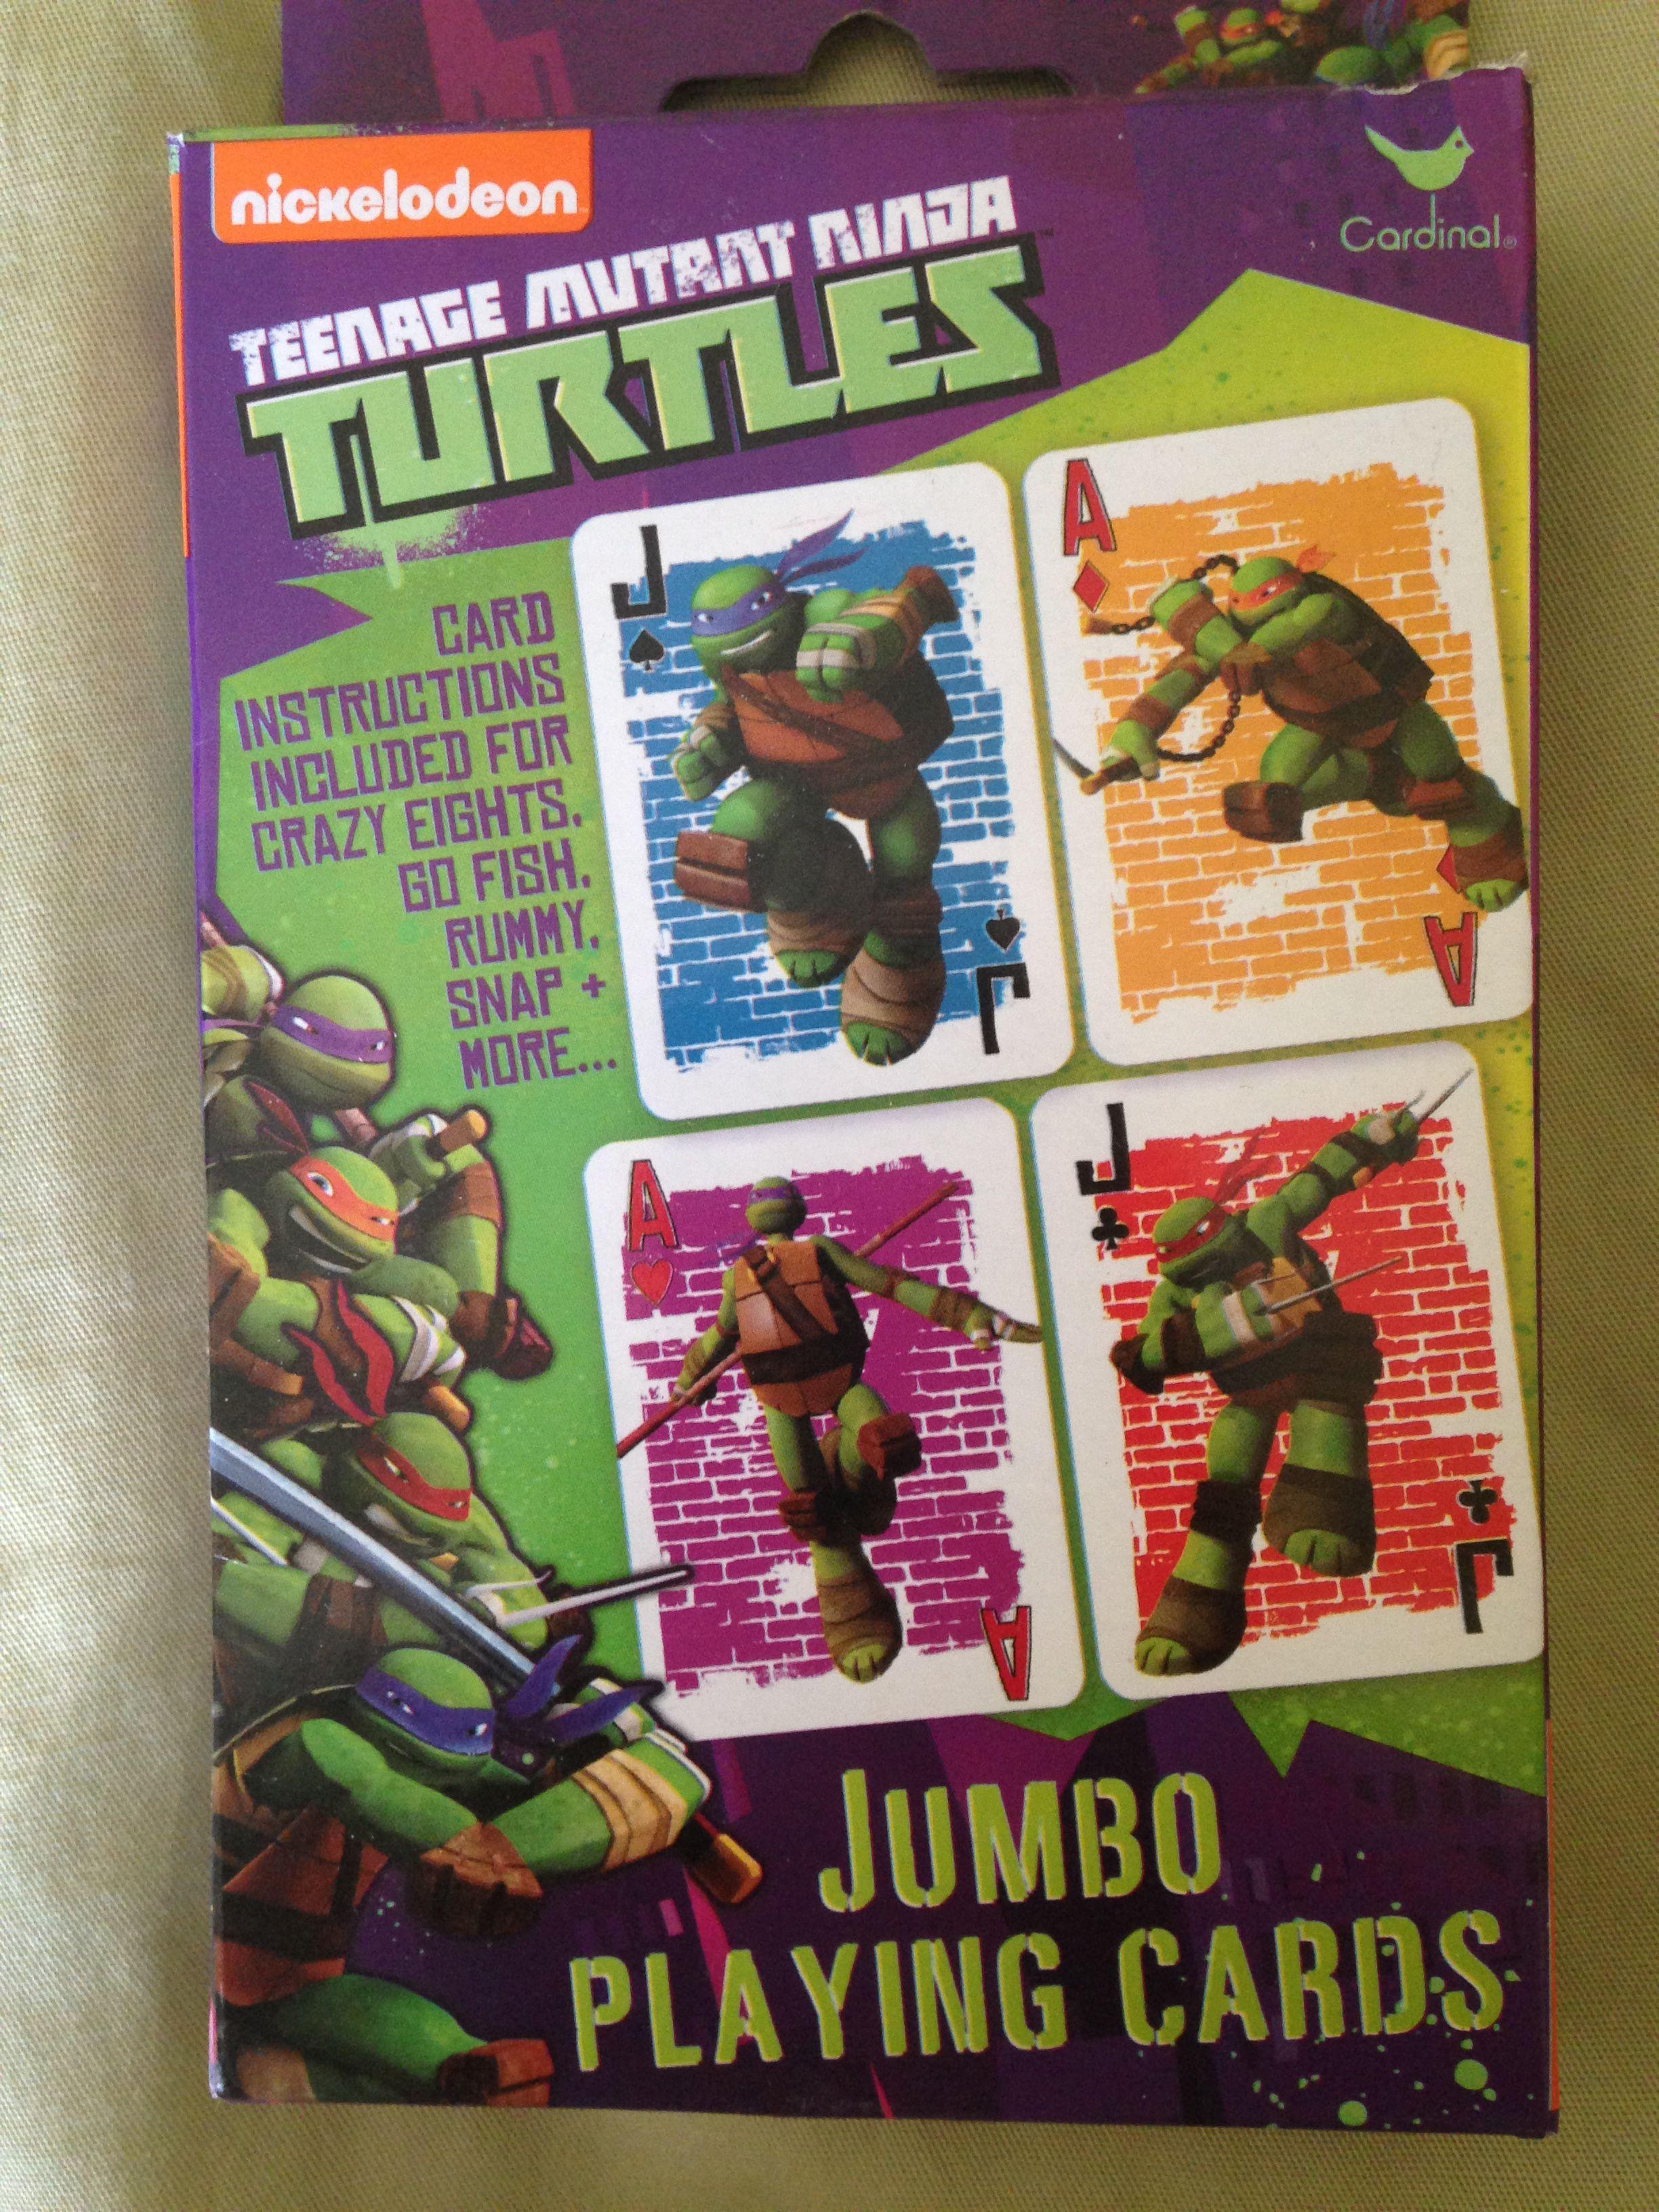 Teenage Mutant Ninja Turtles jumbo playing cards. Super